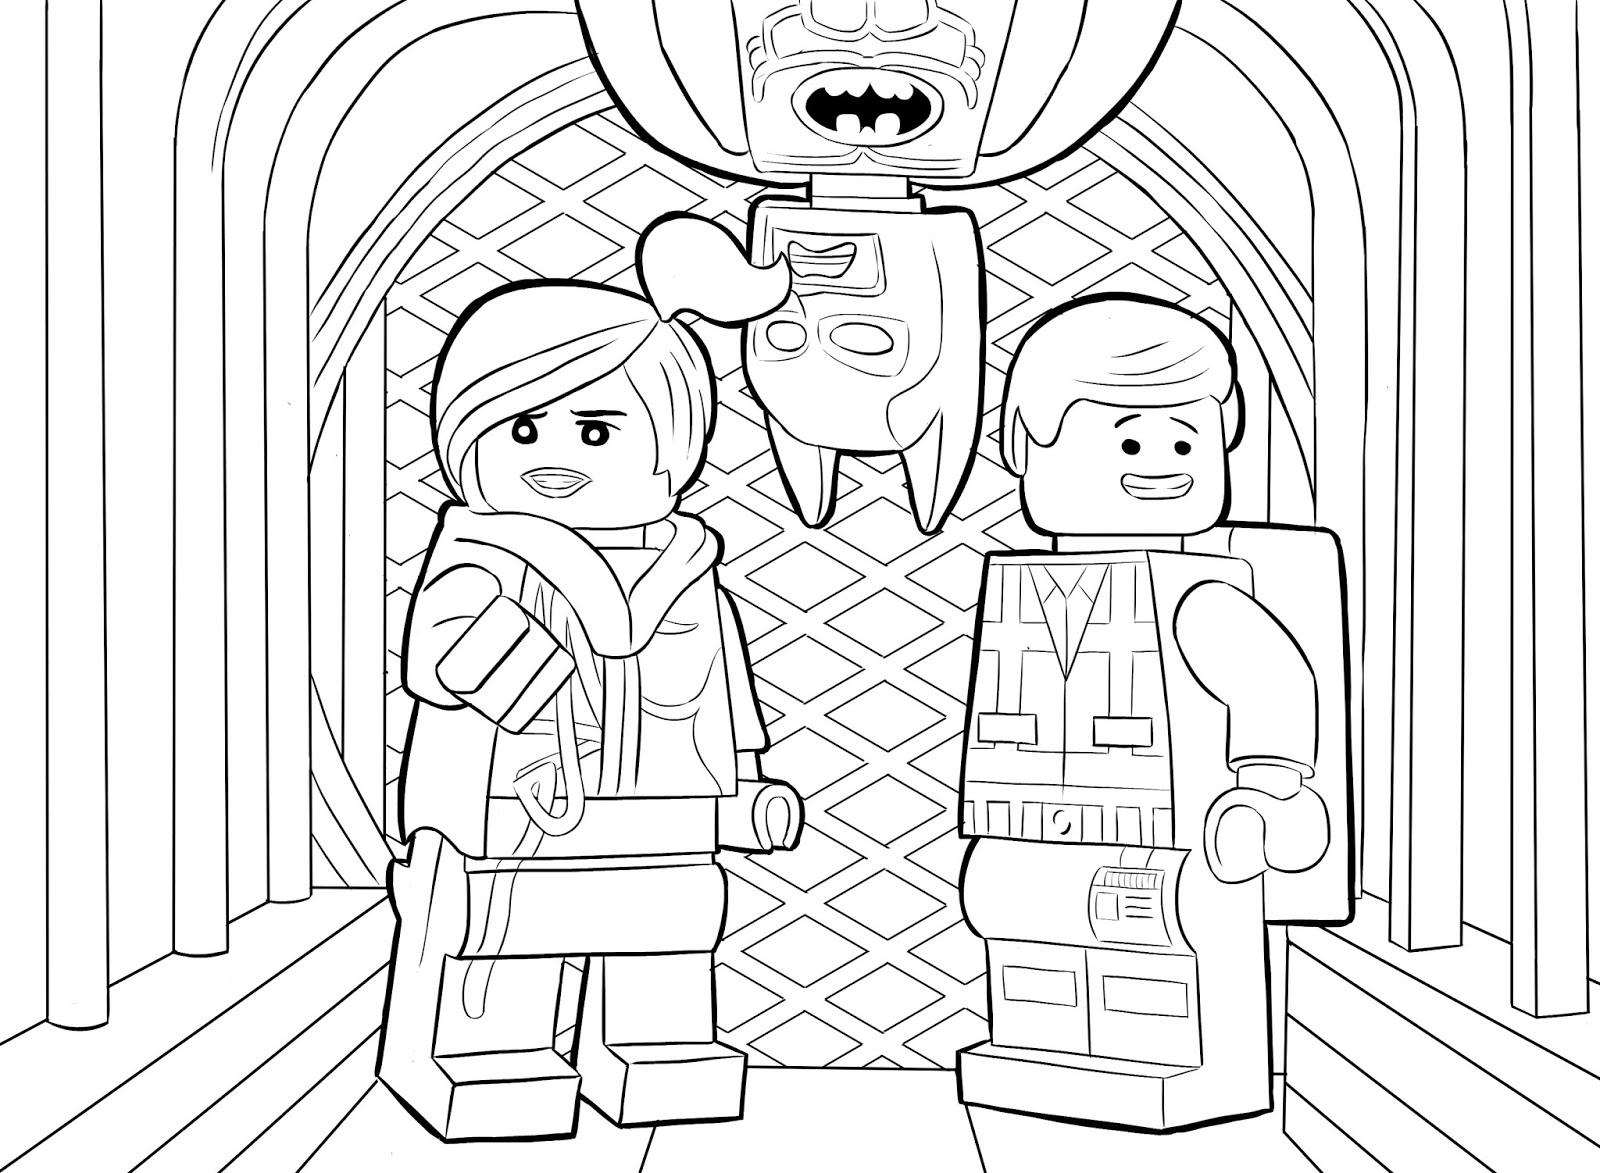 Desenhos Para Colorir E Imprimir: Desenhos Da Lego Para